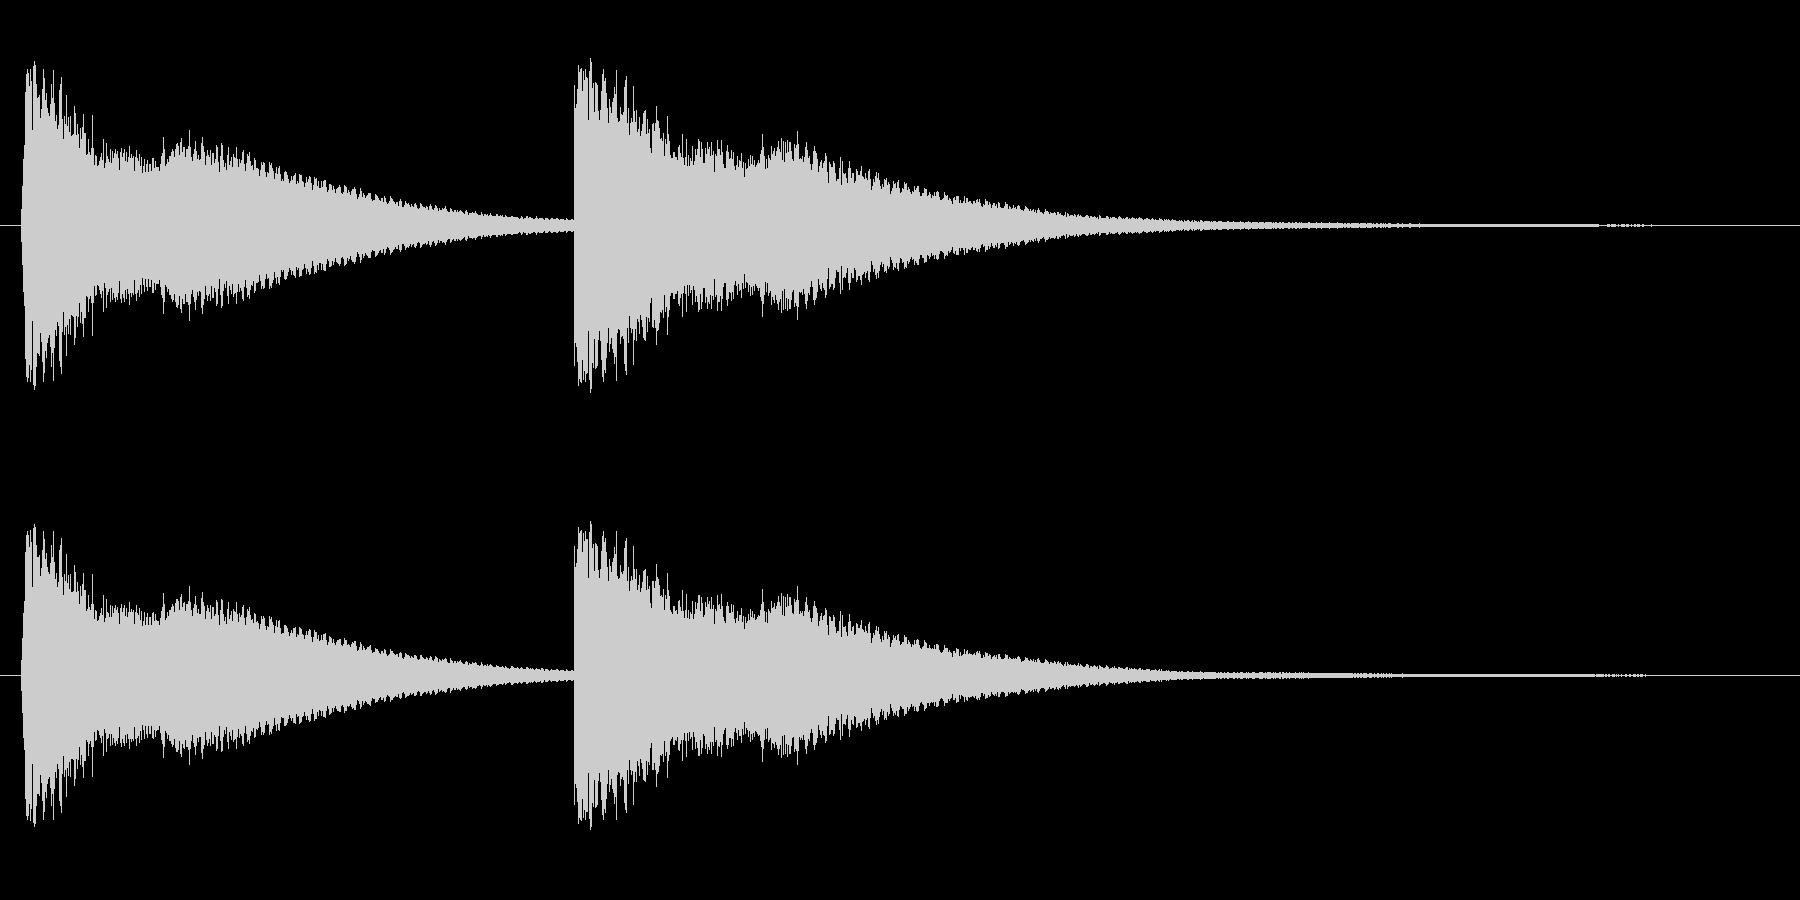 綺麗でハッキリ聴こえる効果音の未再生の波形